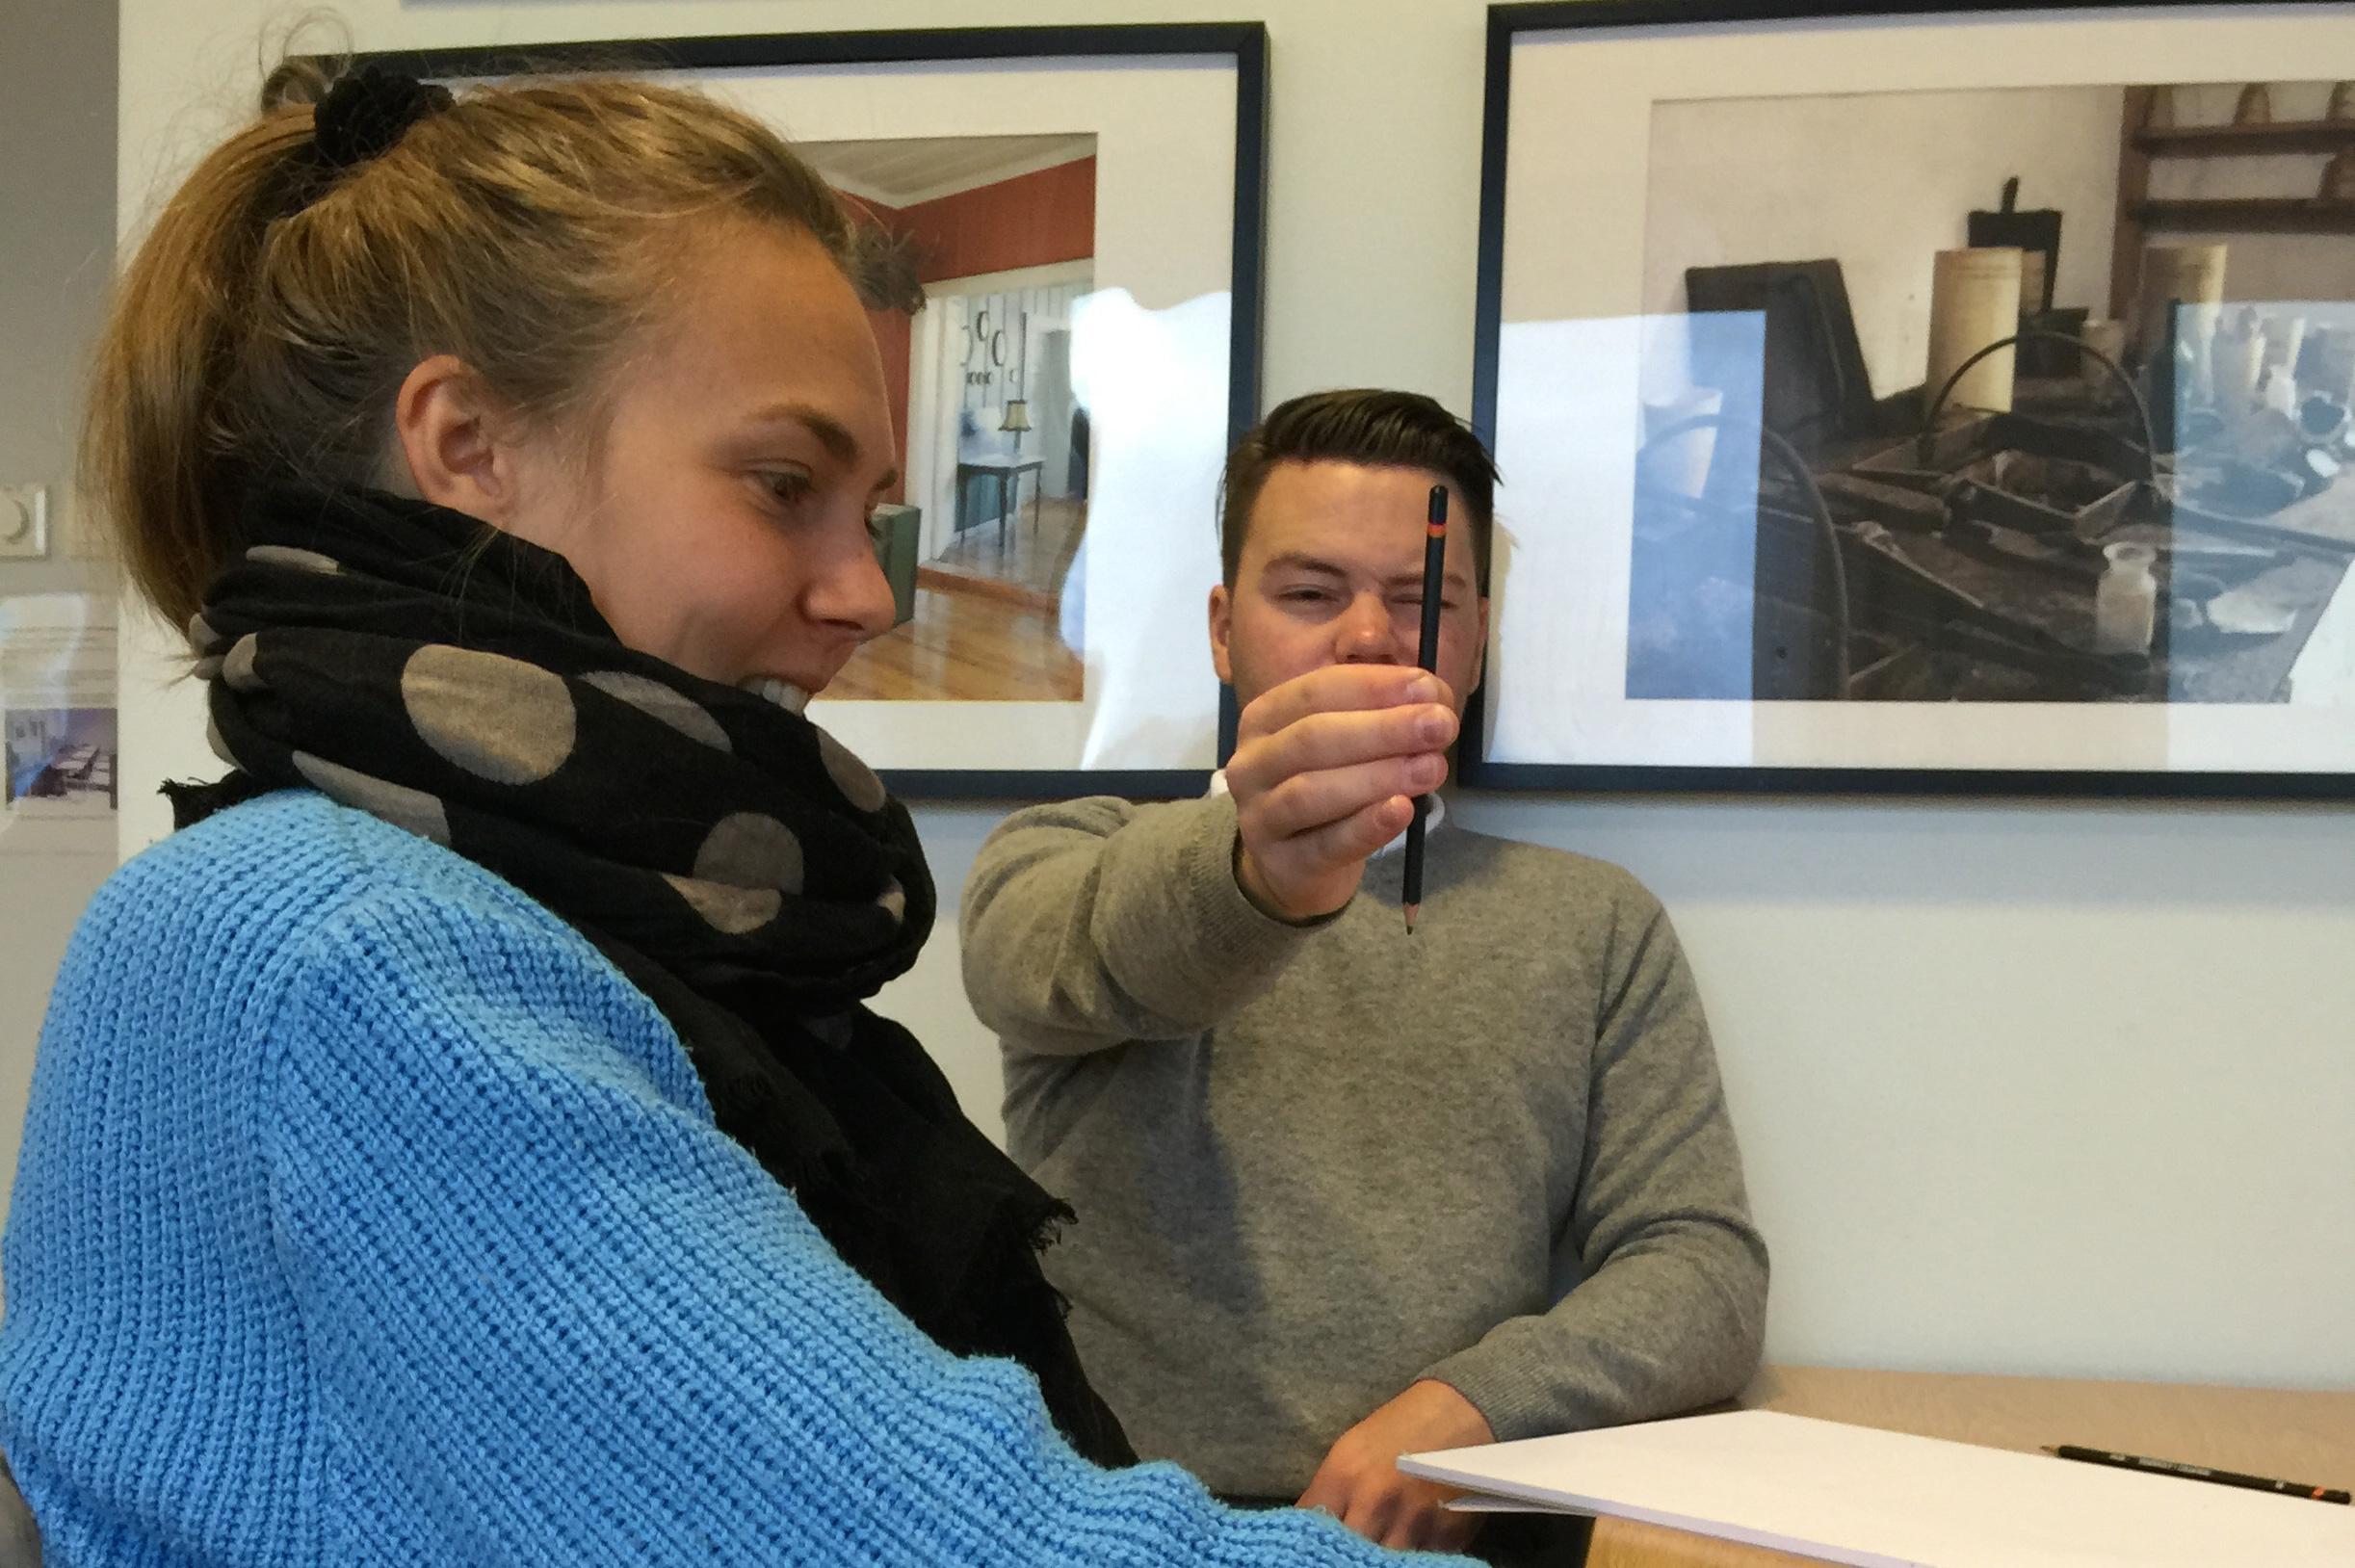 Opplæring i yrkesrettet tegning, Henriette og Finn starter prosessen